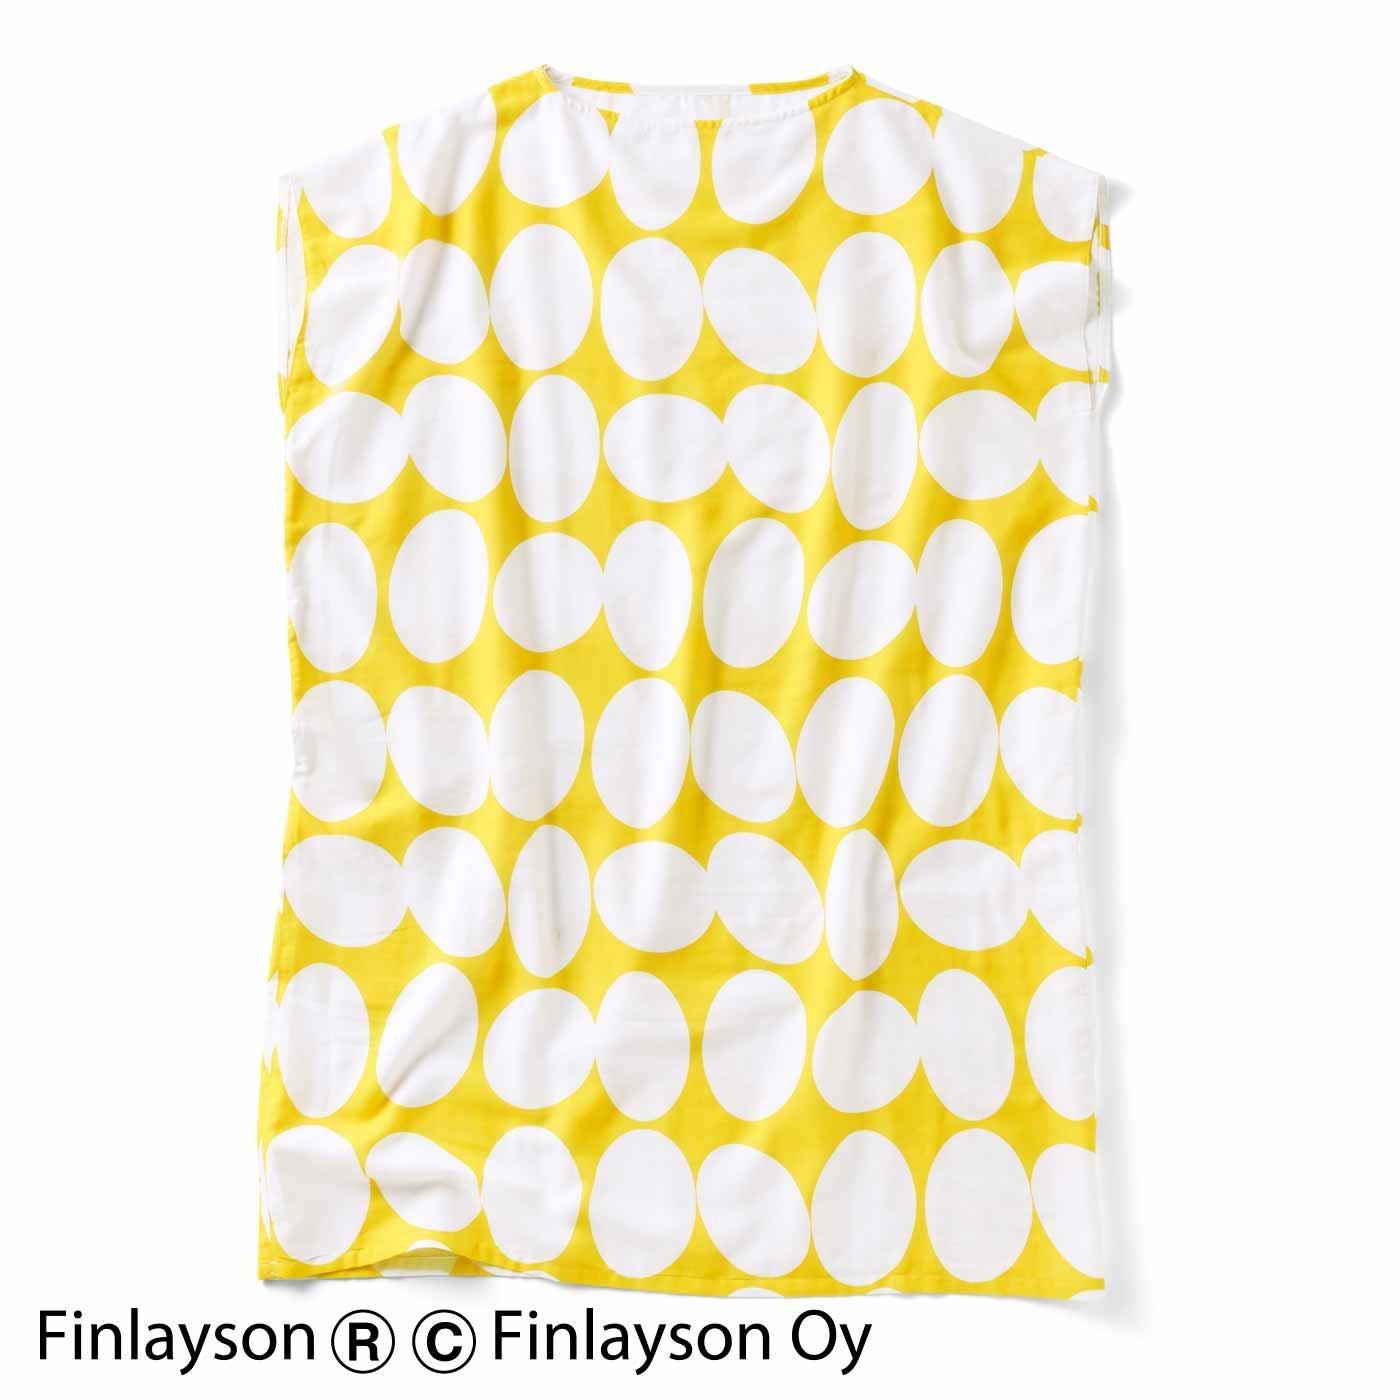 フィンレイソン お風呂上がりから寝るまでさわやか ダブルガーゼが心地いい 着るタオルウェアの会